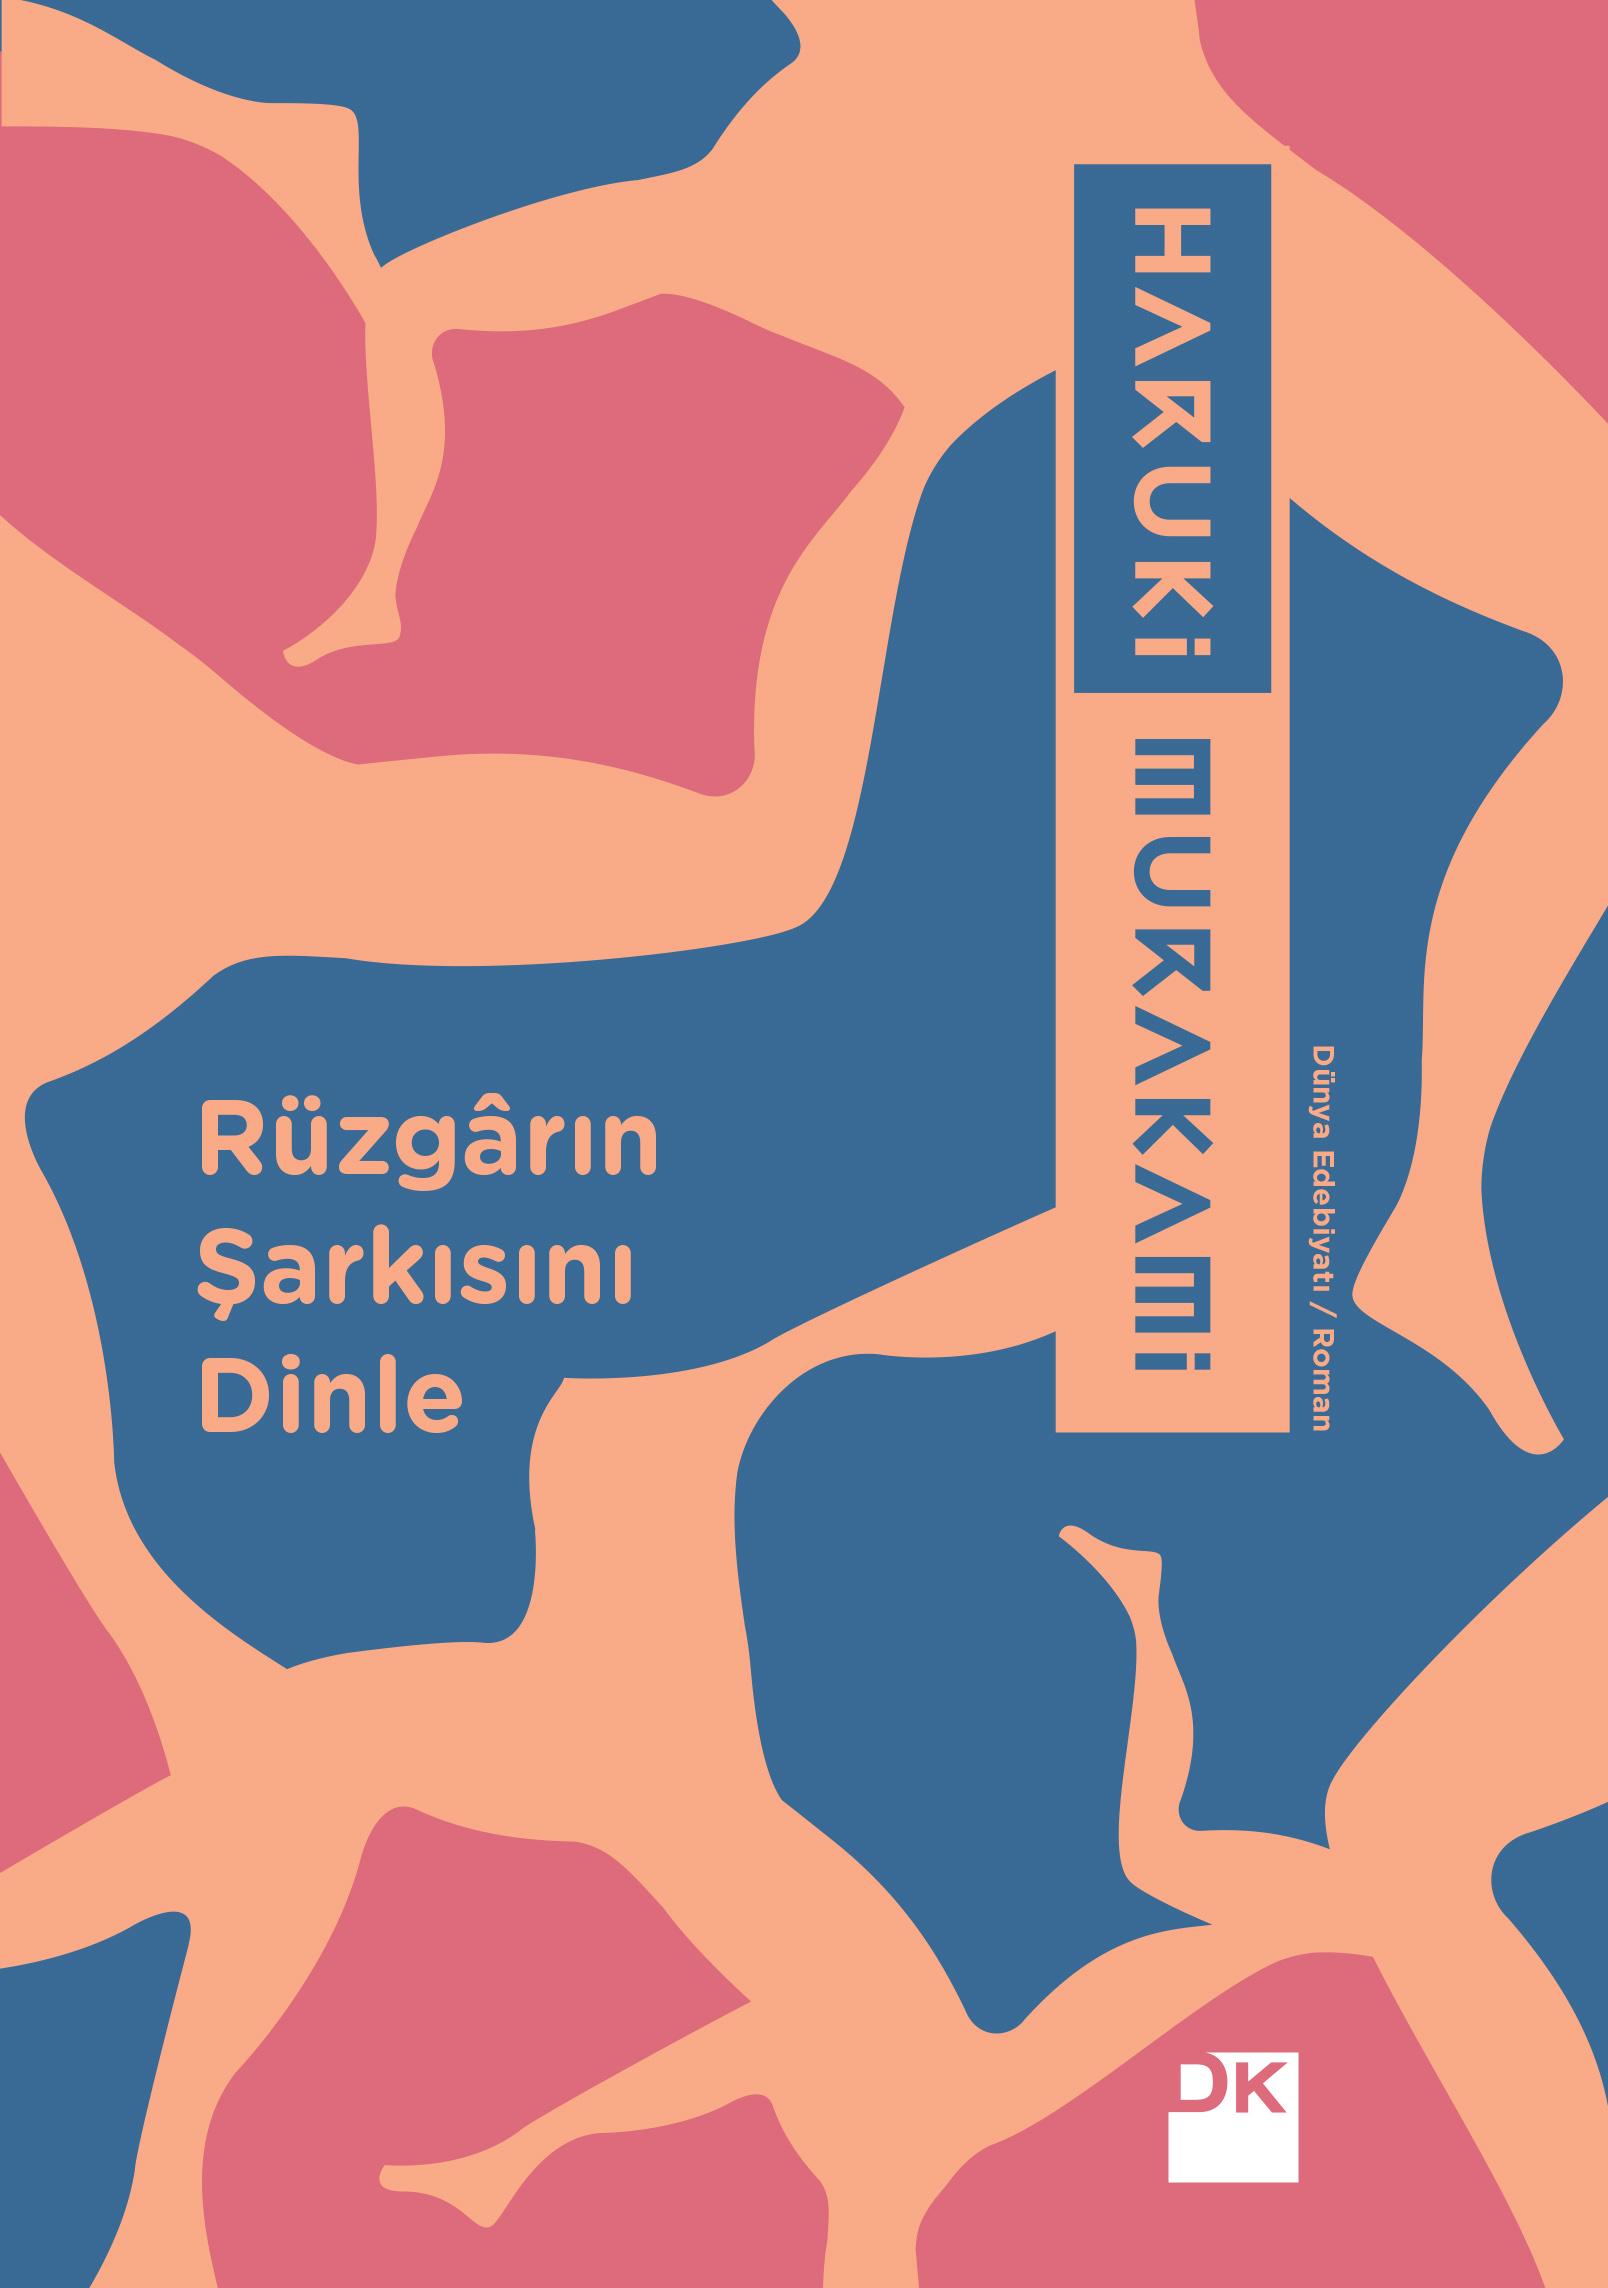 Rügârın Şarksını Dinle, Haruki Murakami, çev. Ali Volkan Erdemir, Doğan Kitap